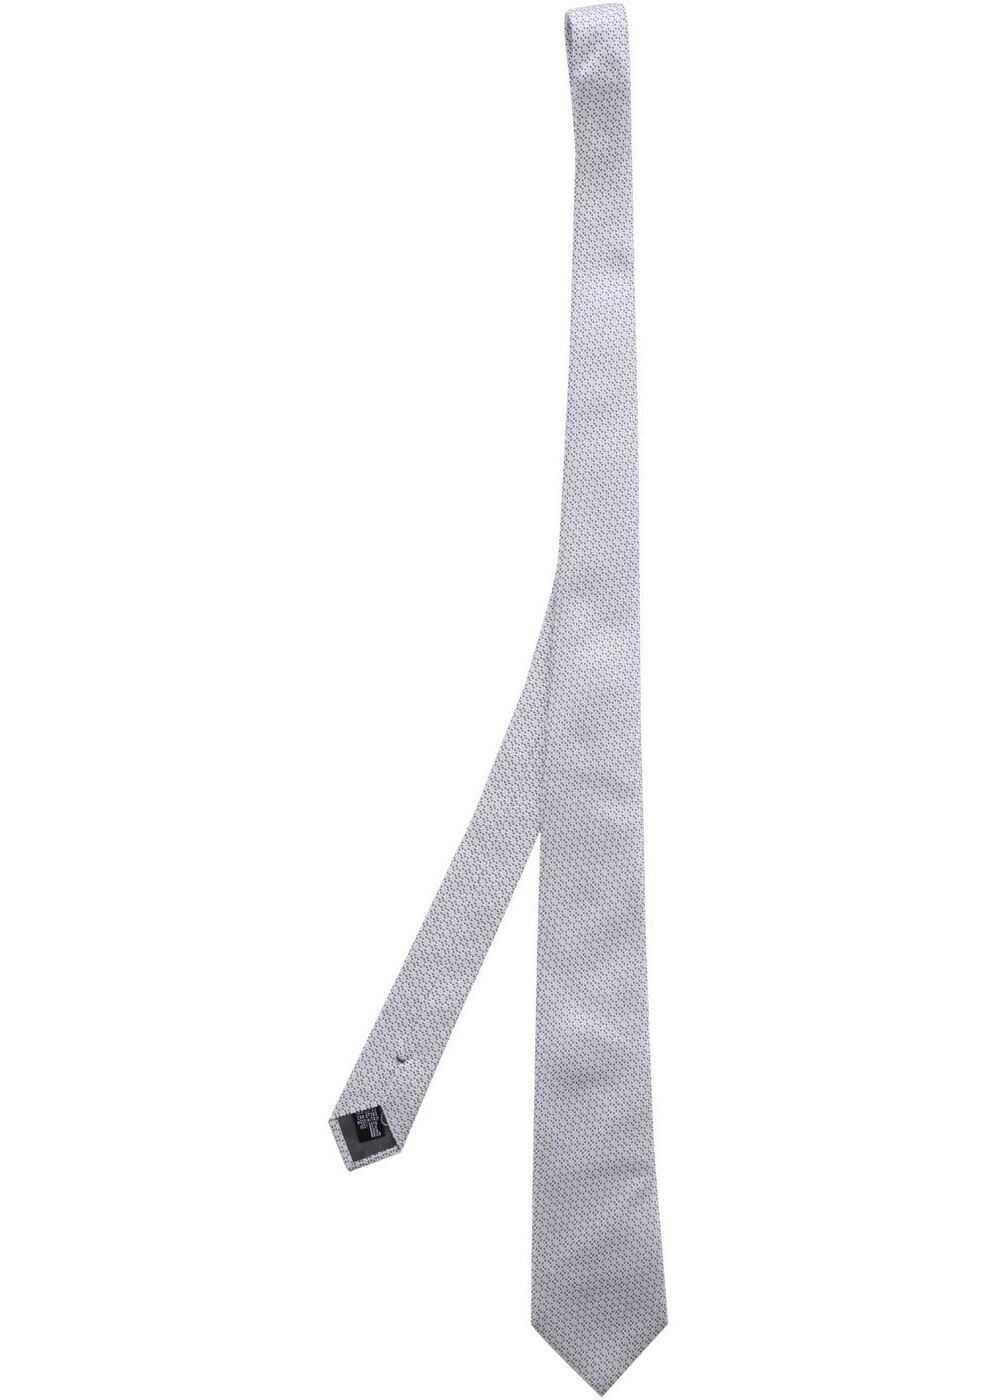 Emporio Armani Ice White Check Tie Grey